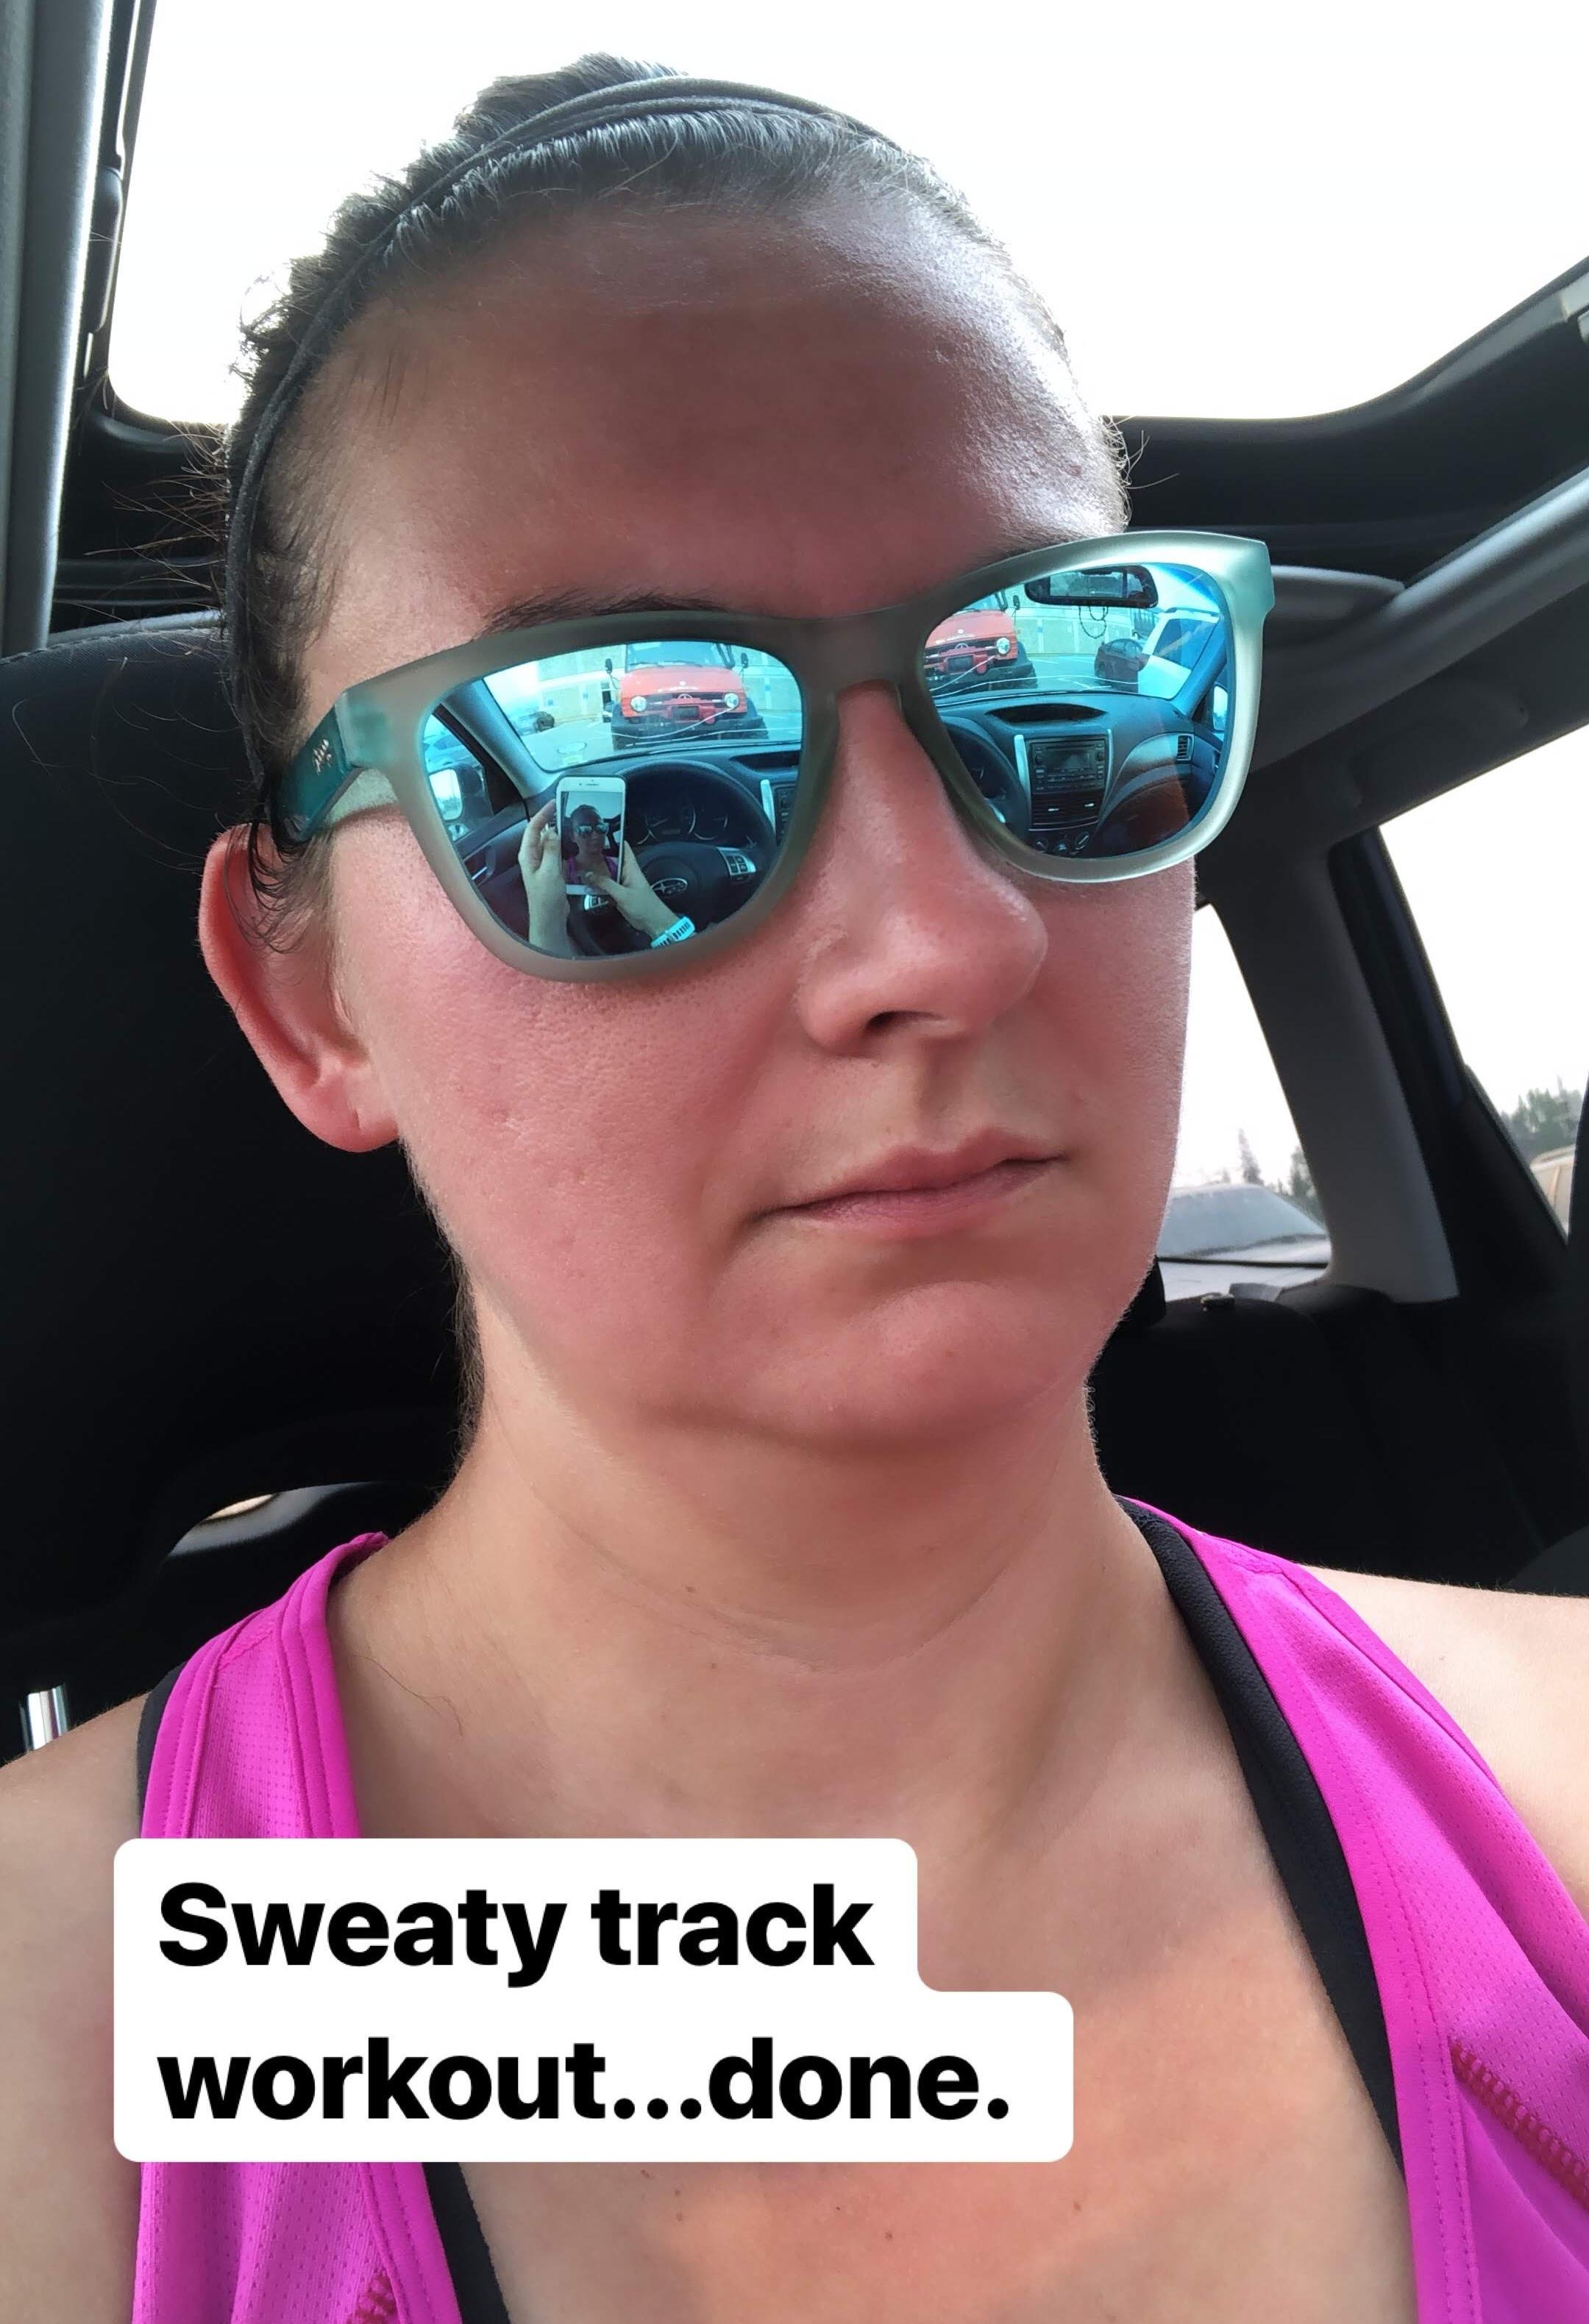 sweaty workout selfie